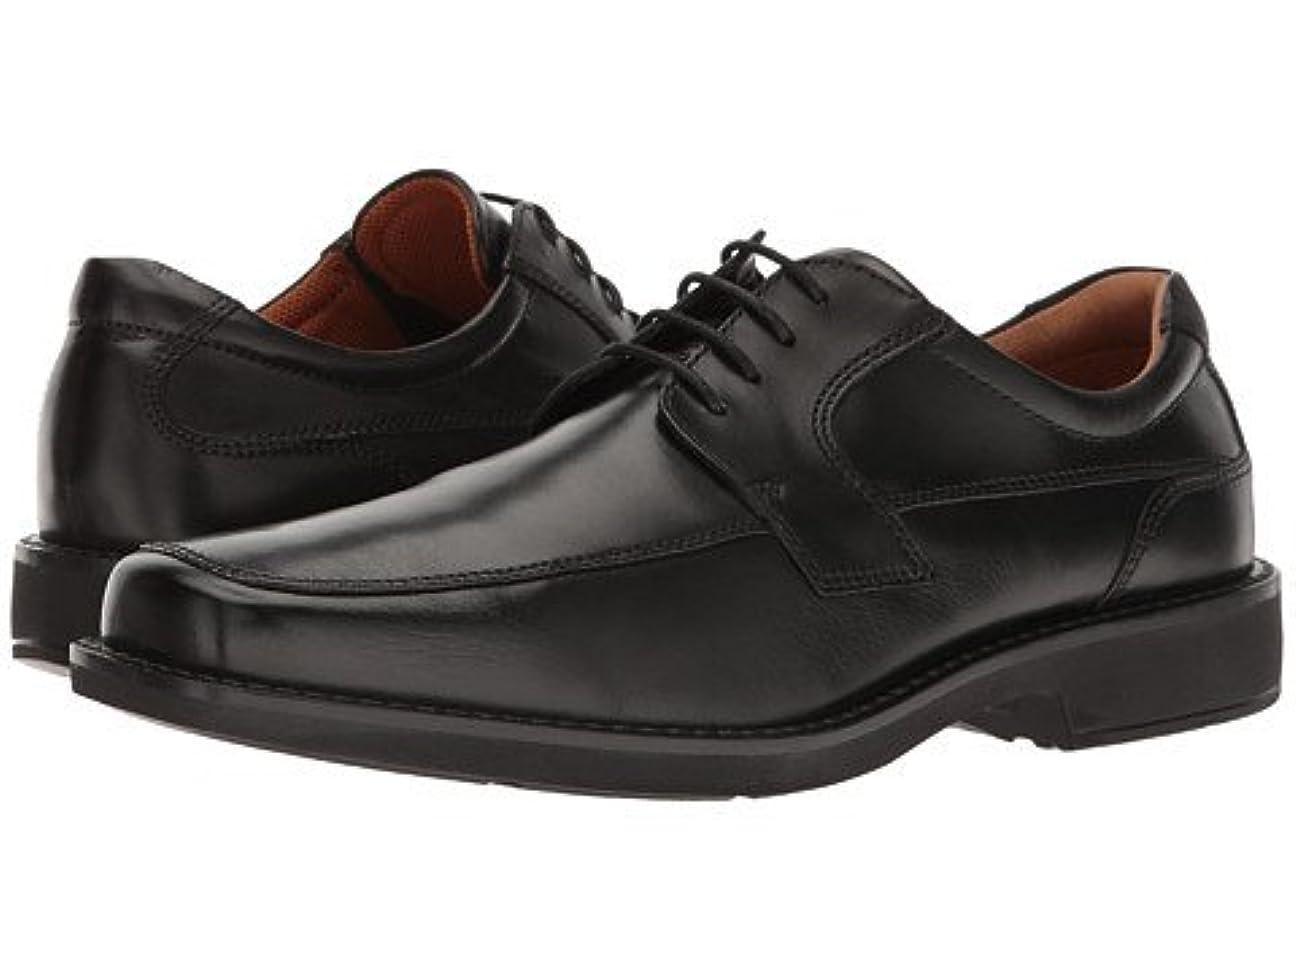 有限歯車容赦ない(エコー) ECCO メンズオックスフォード?ビジネスシューズ?靴 Seattle Tie Black Cow Leather US Men's 8-8.5 26cm M [並行輸入品]